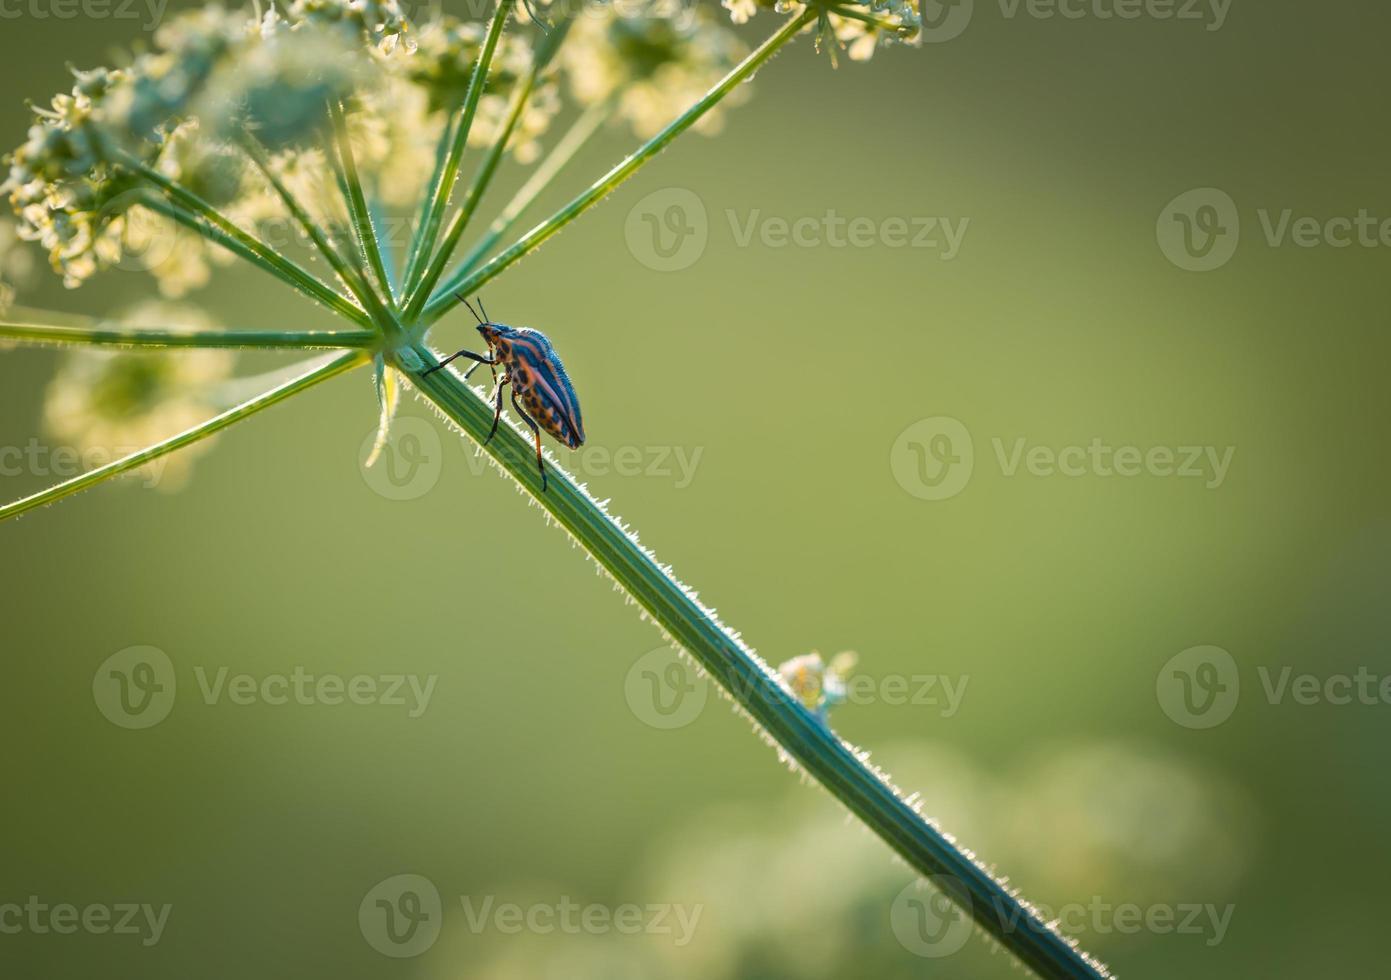 stretta di bug seduto sulla pianta foto